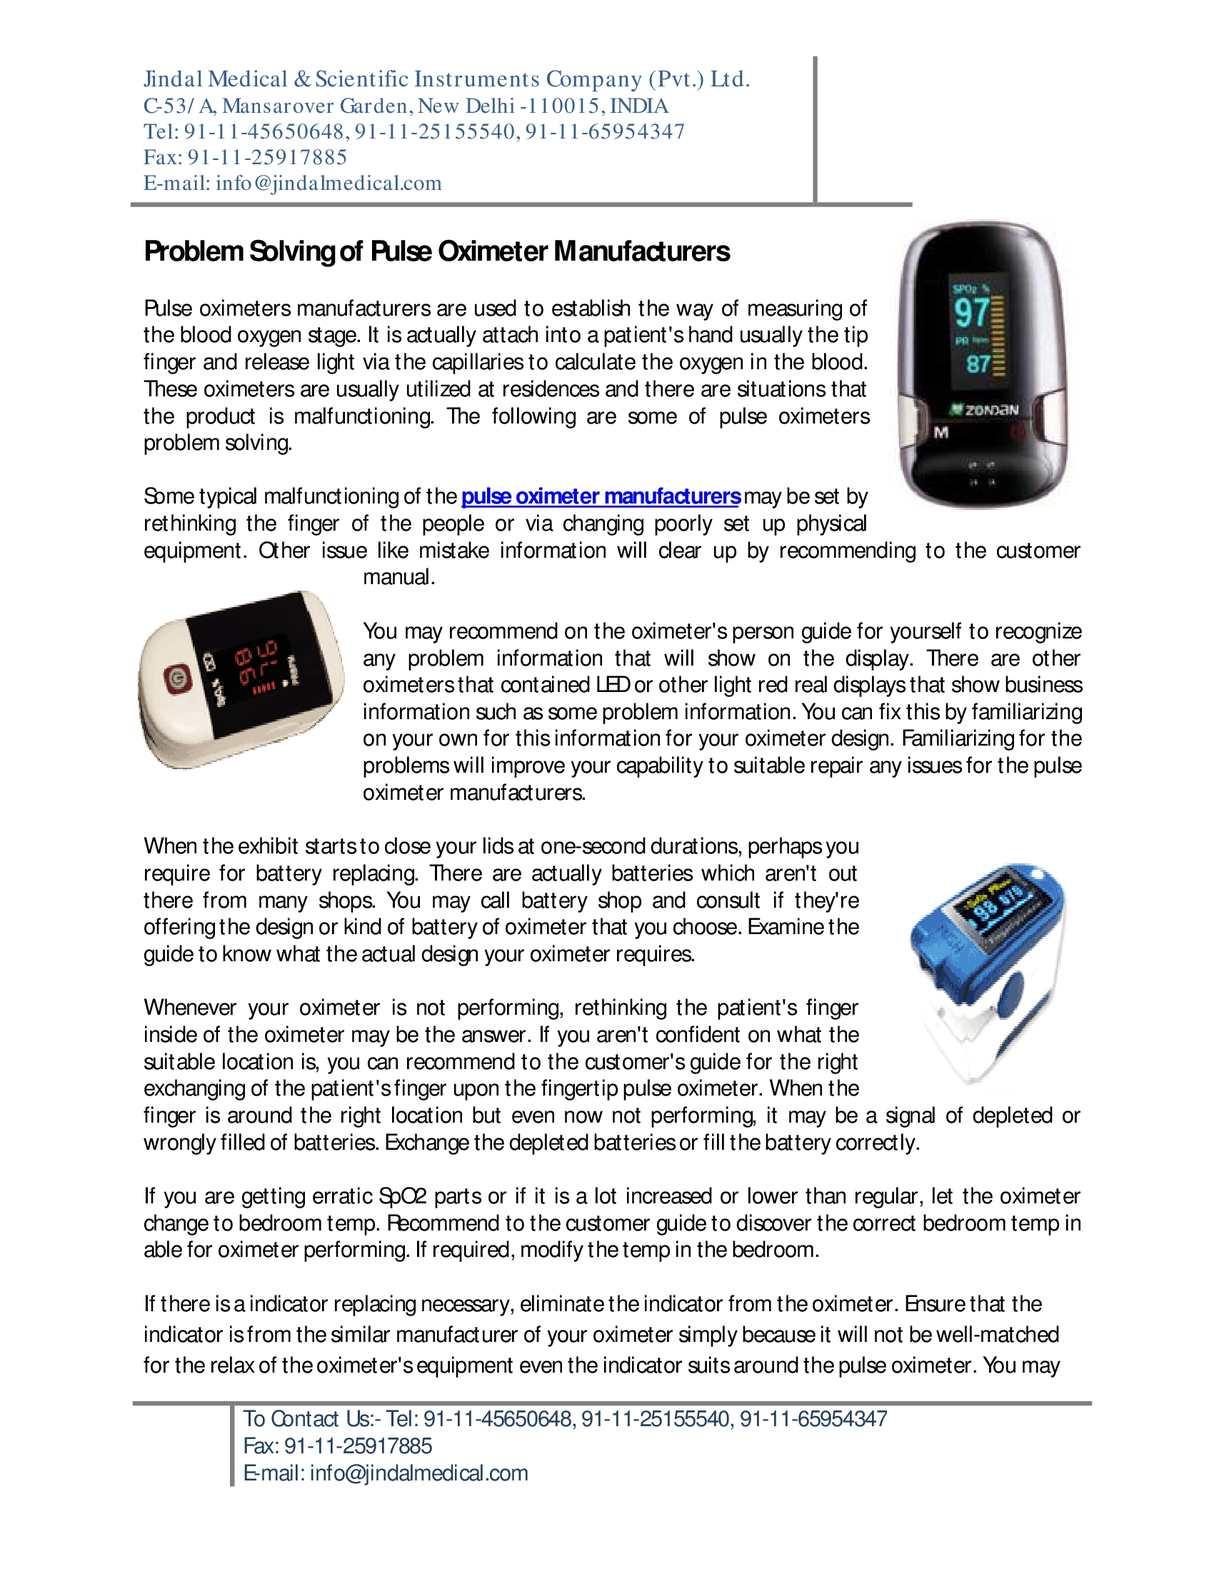 Calaméo - Pulse Oximeter Manufacturers - Scientific